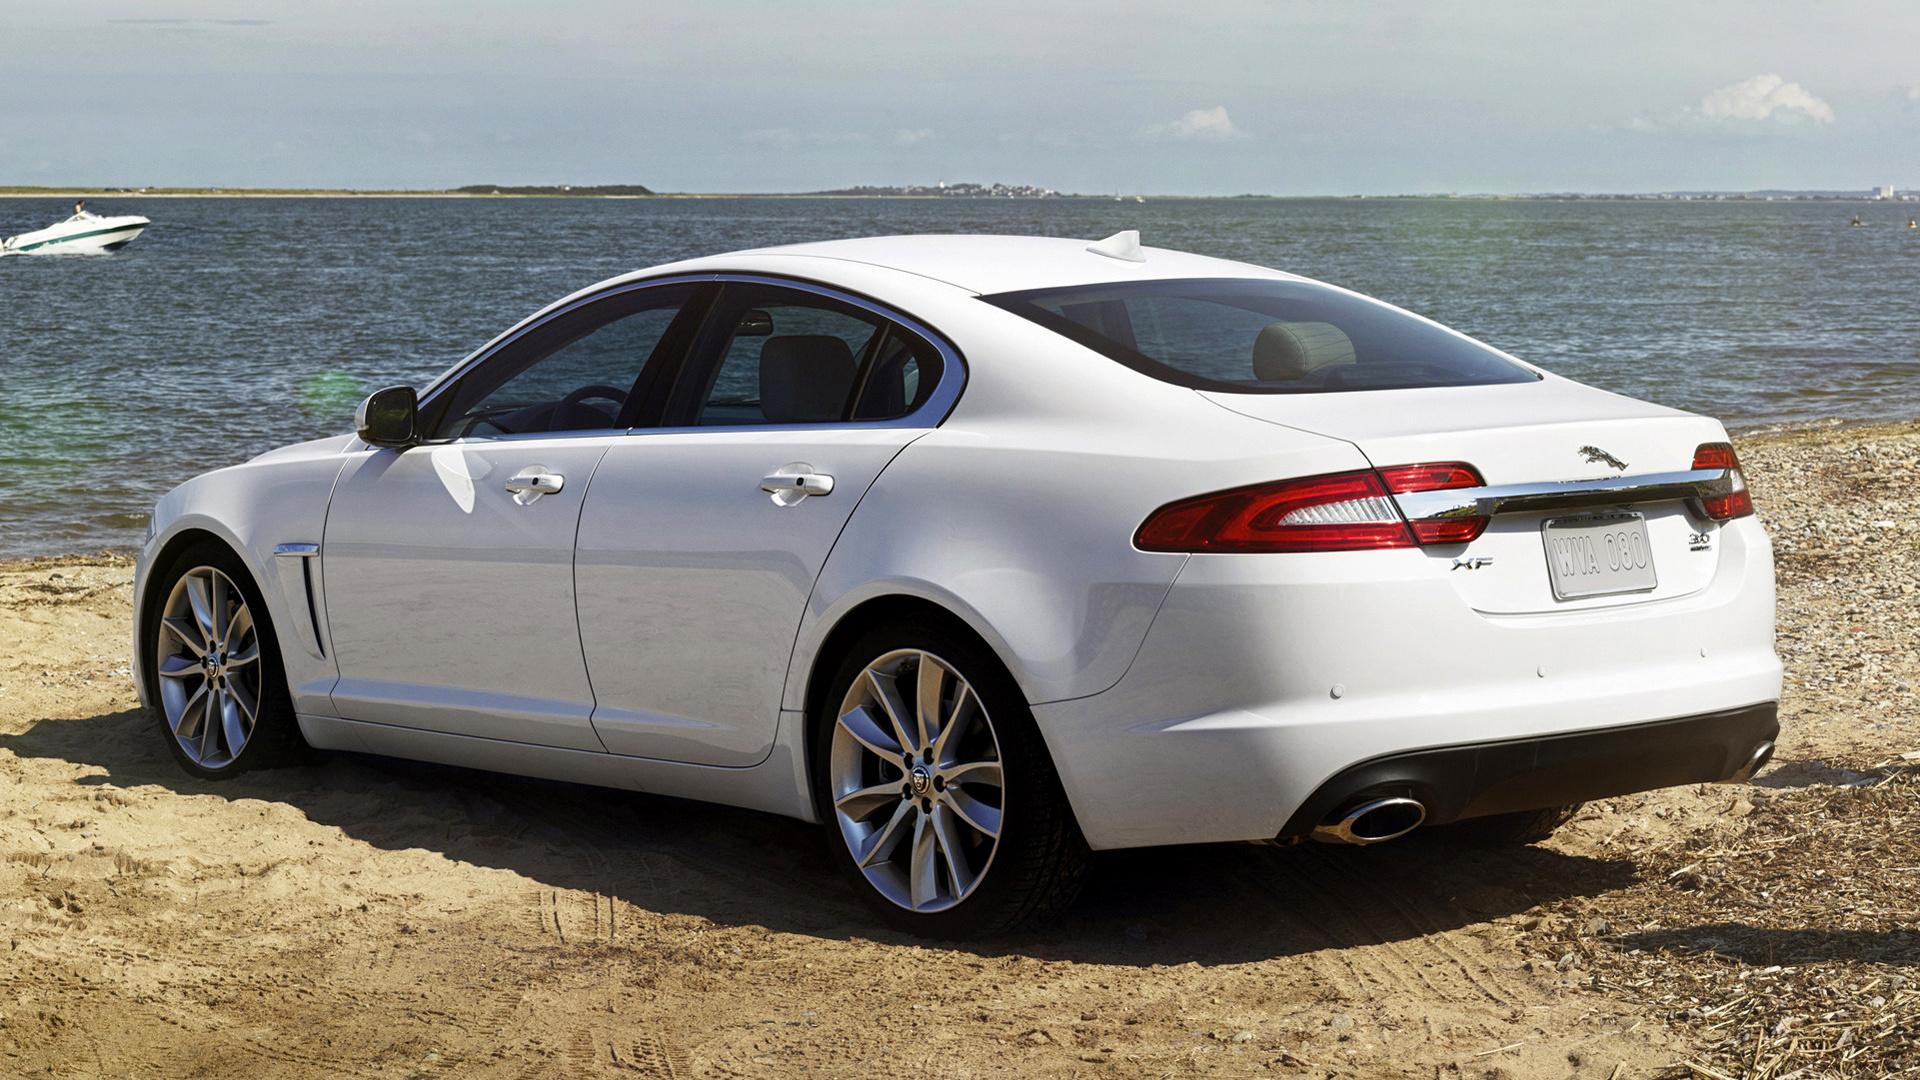 2012 Jaguar XF (US) - Fonds d'écran et images HD | Car Pixel